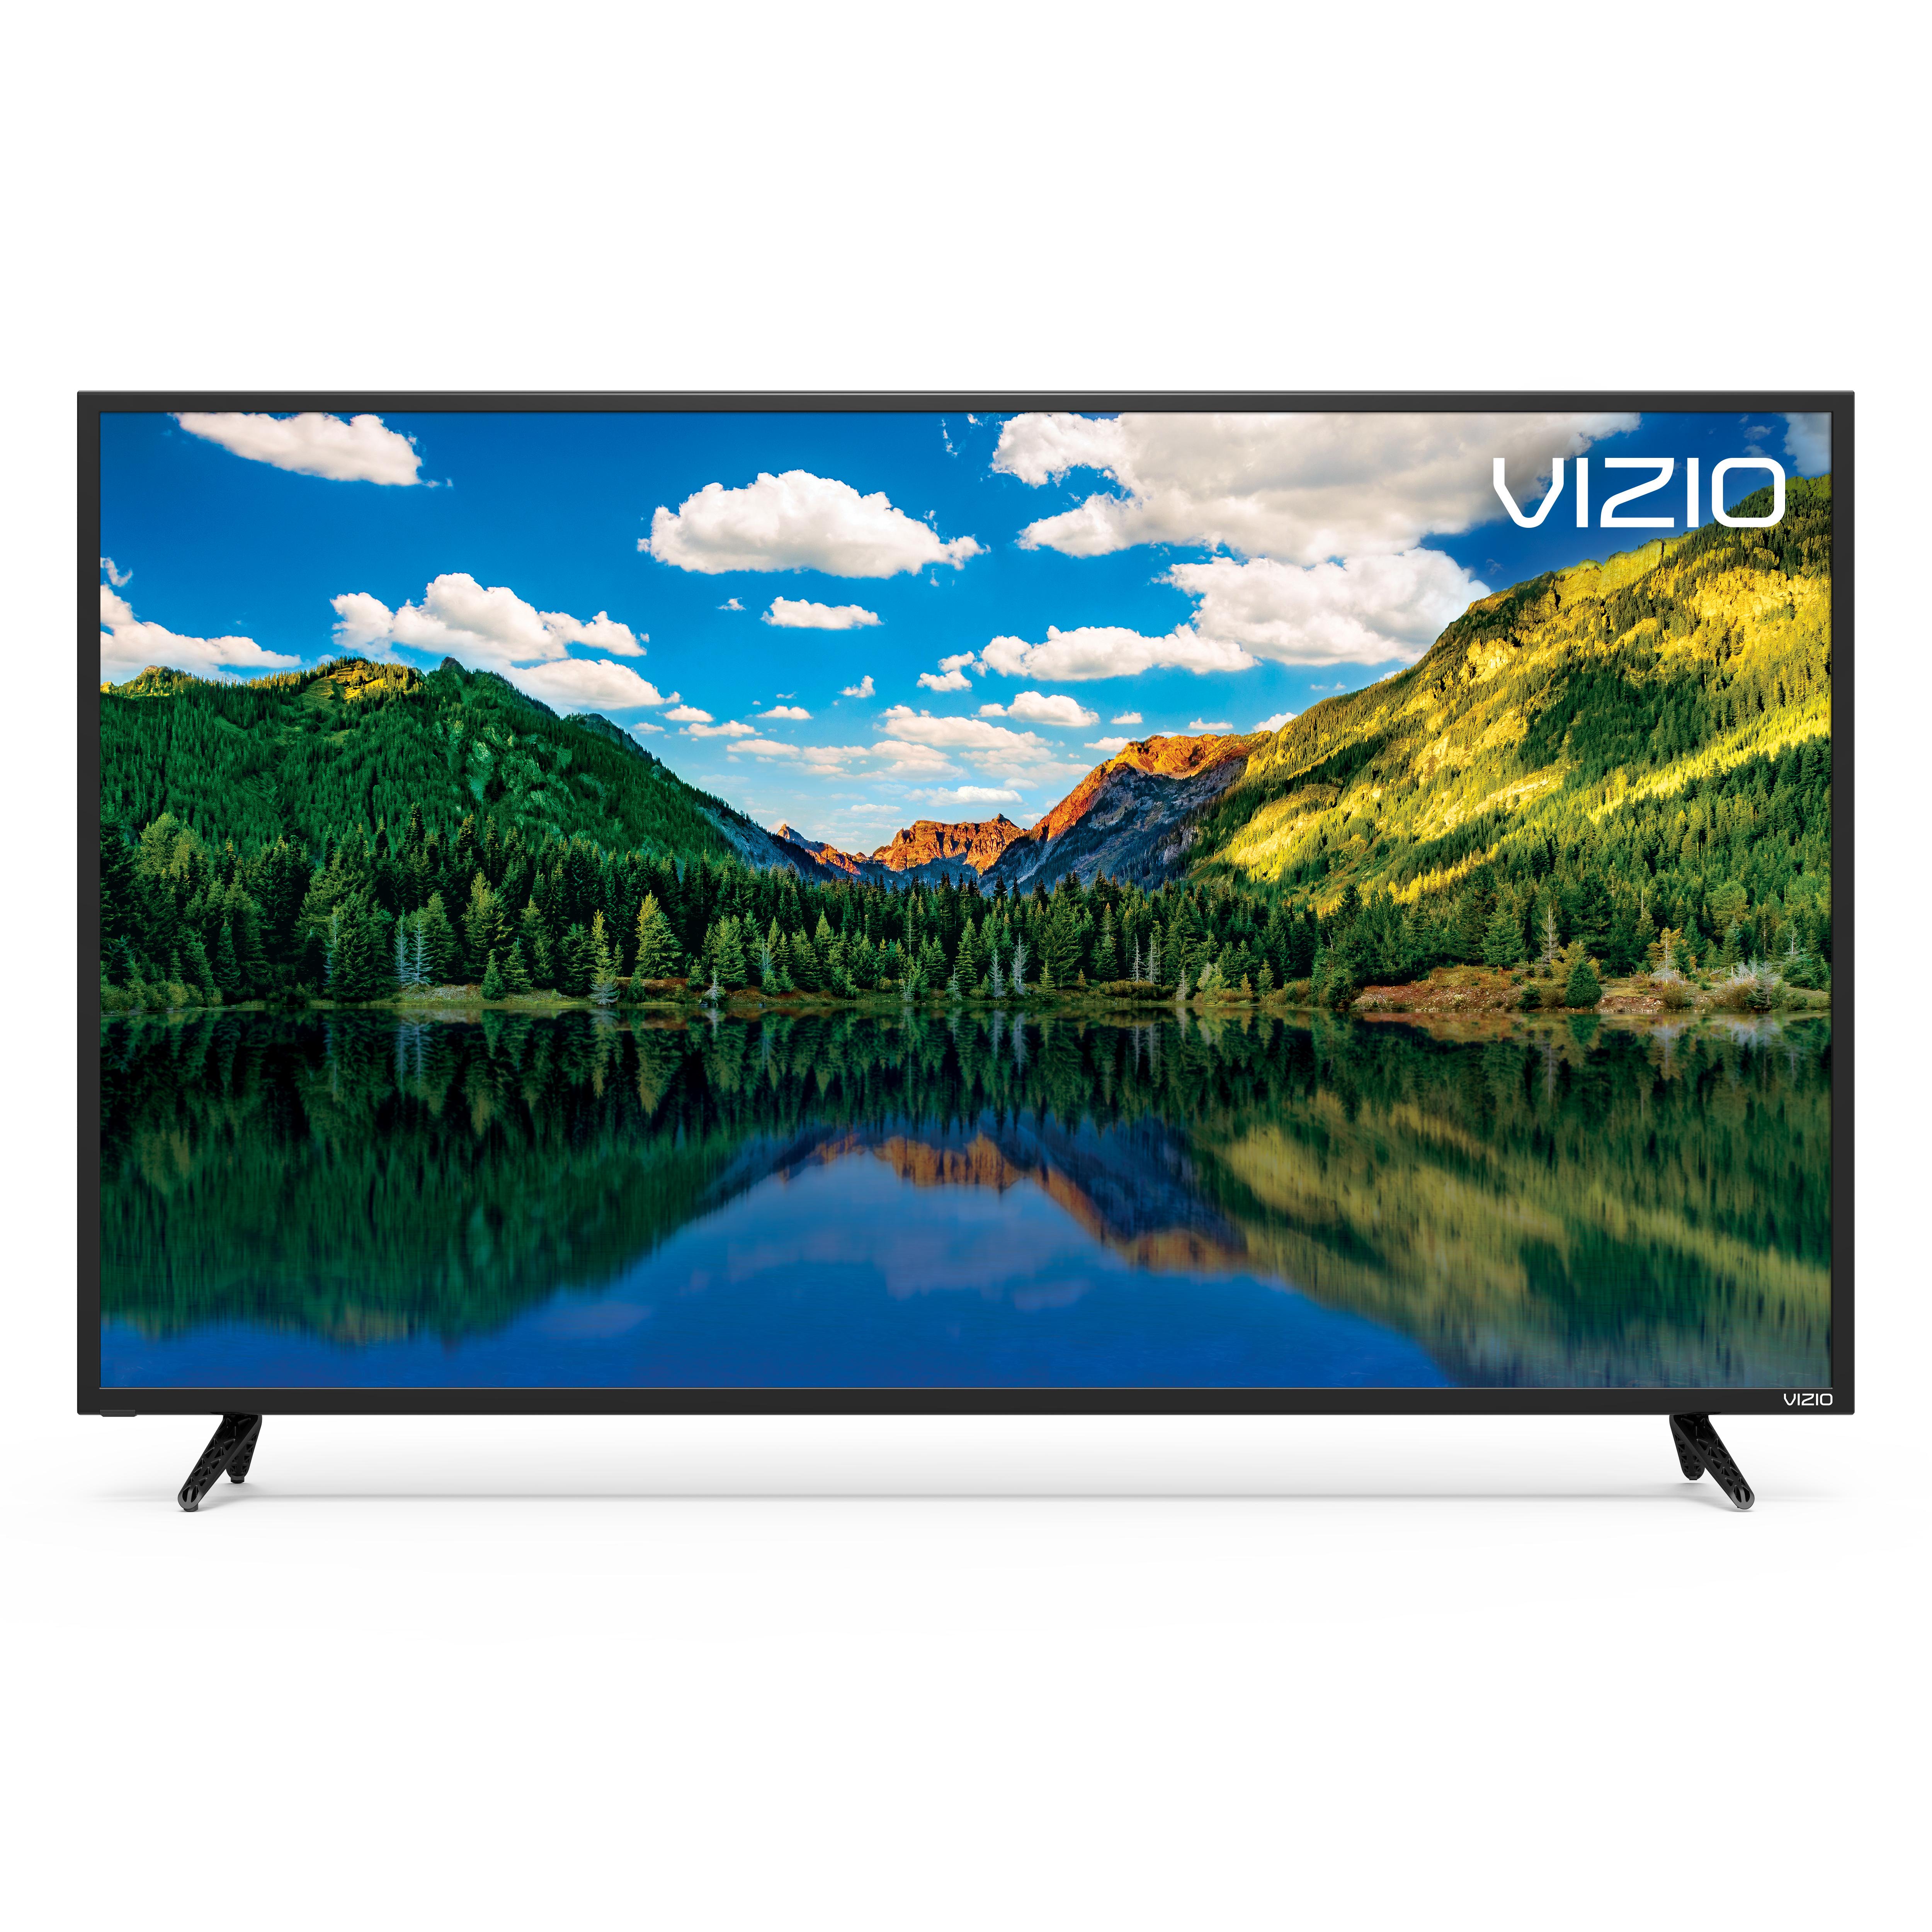 4ac31e0a4e0 EXPIRED  Vizio D55un-E1 55-inch 4K Ultra HDTV (Refurbished)